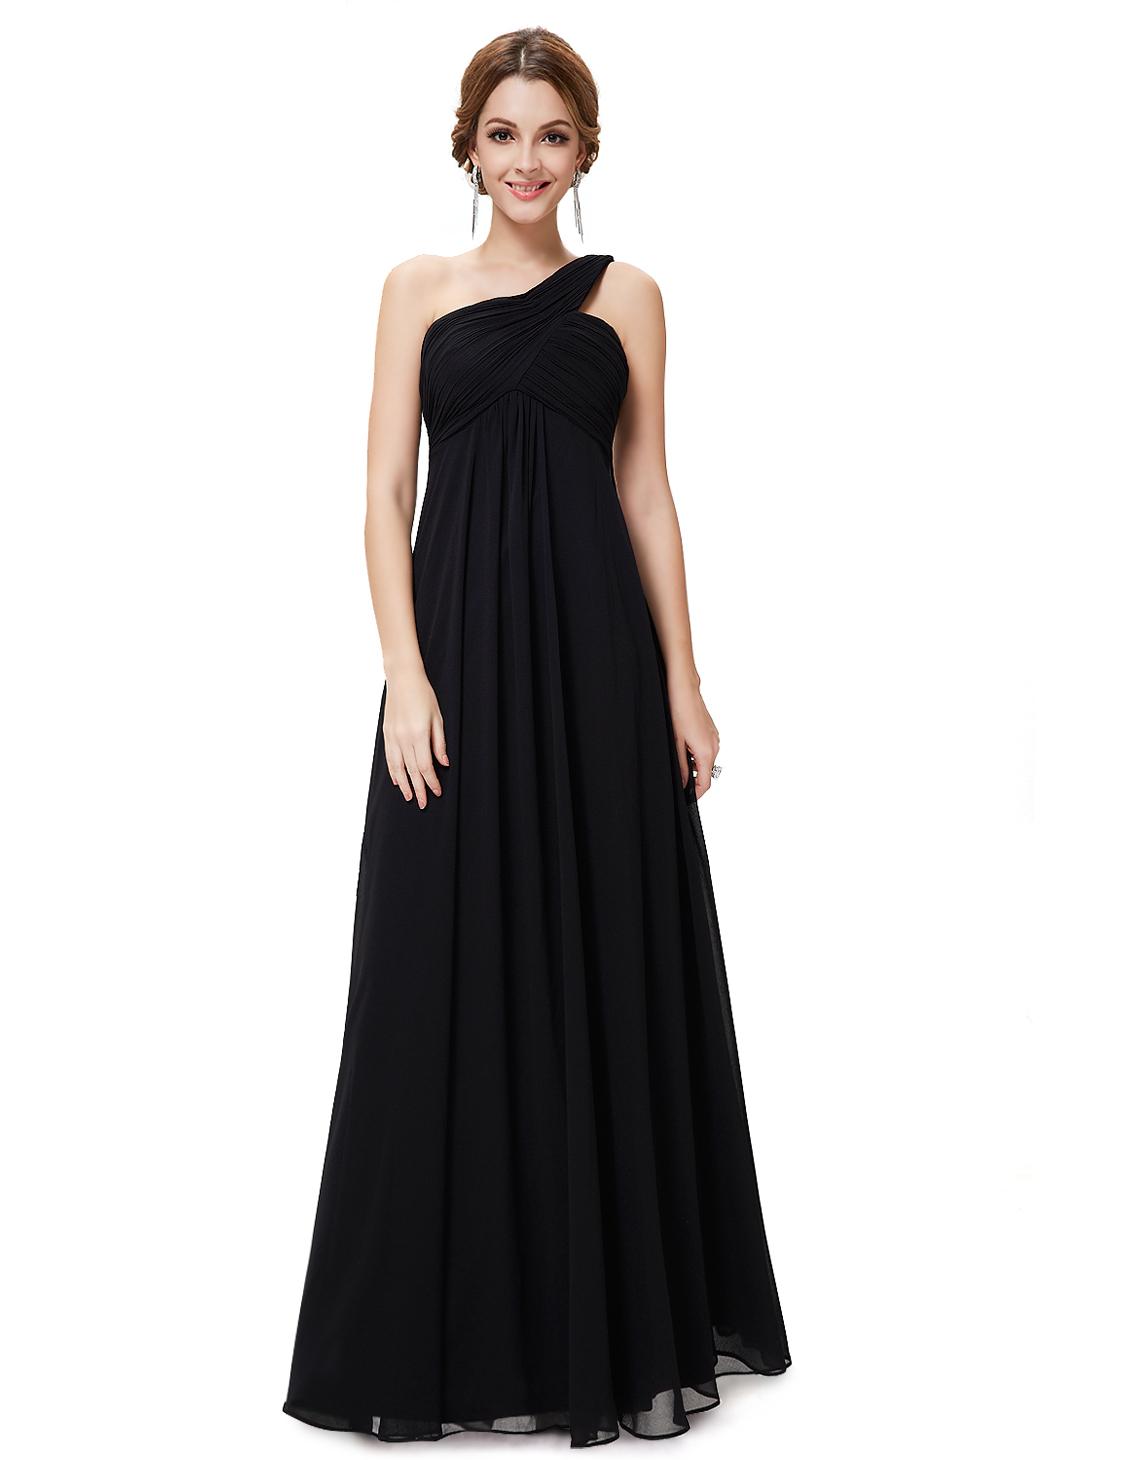 Plesové a společenské šaty na jedno rameno Ever Pretty černá (Dámské šaty)